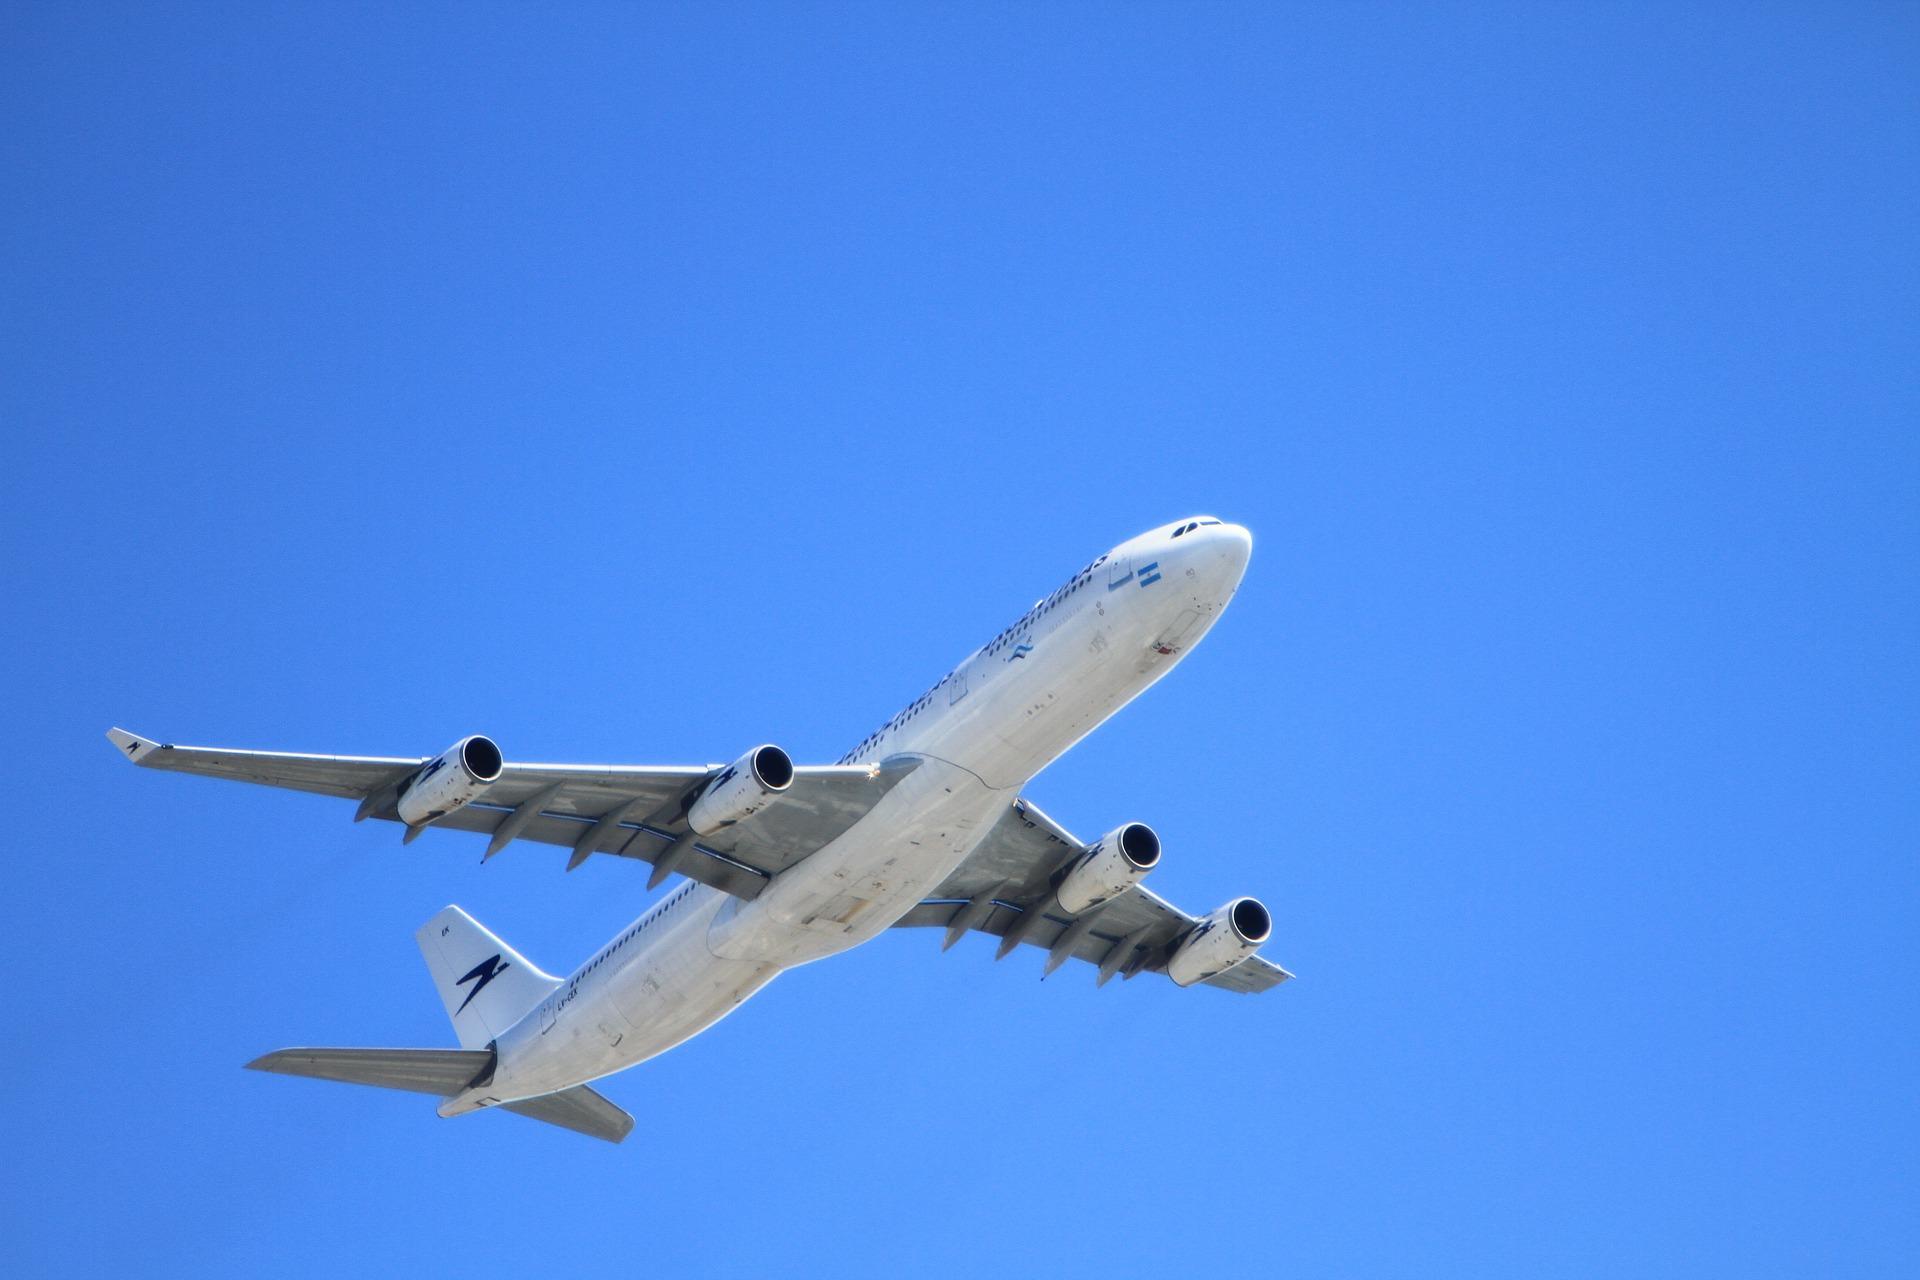 Companhias aéreas no Brasil devem perder US$ 10,83 bi nesse ano